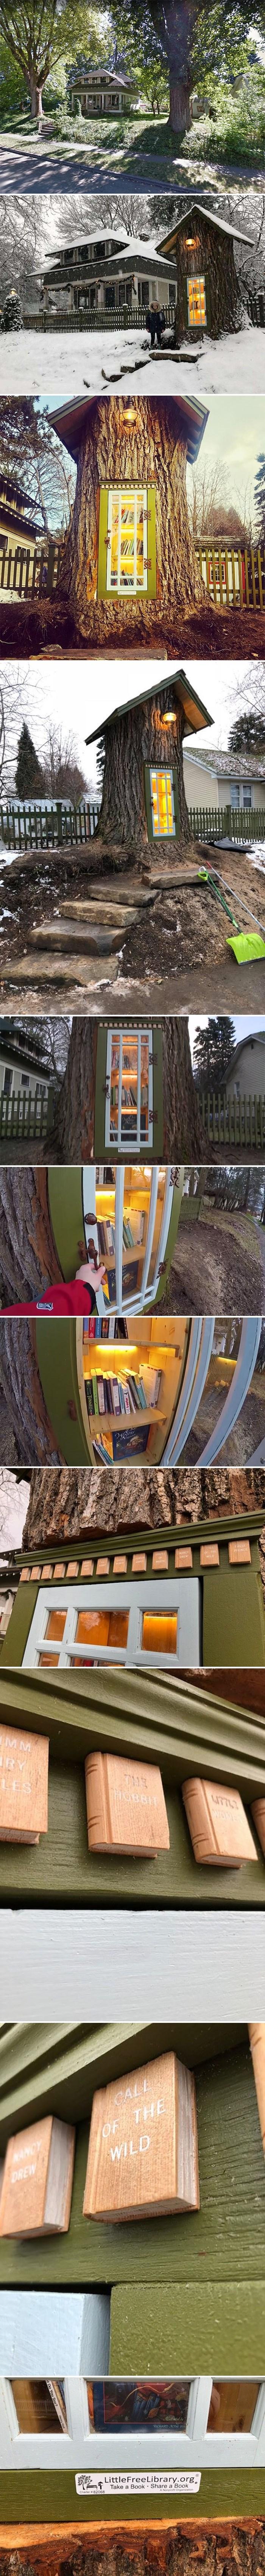 """Obitelj je iskoristila ostatke 110 godina starog stabla kako bi napravila """"besplatnu malu knjižnicu"""""""